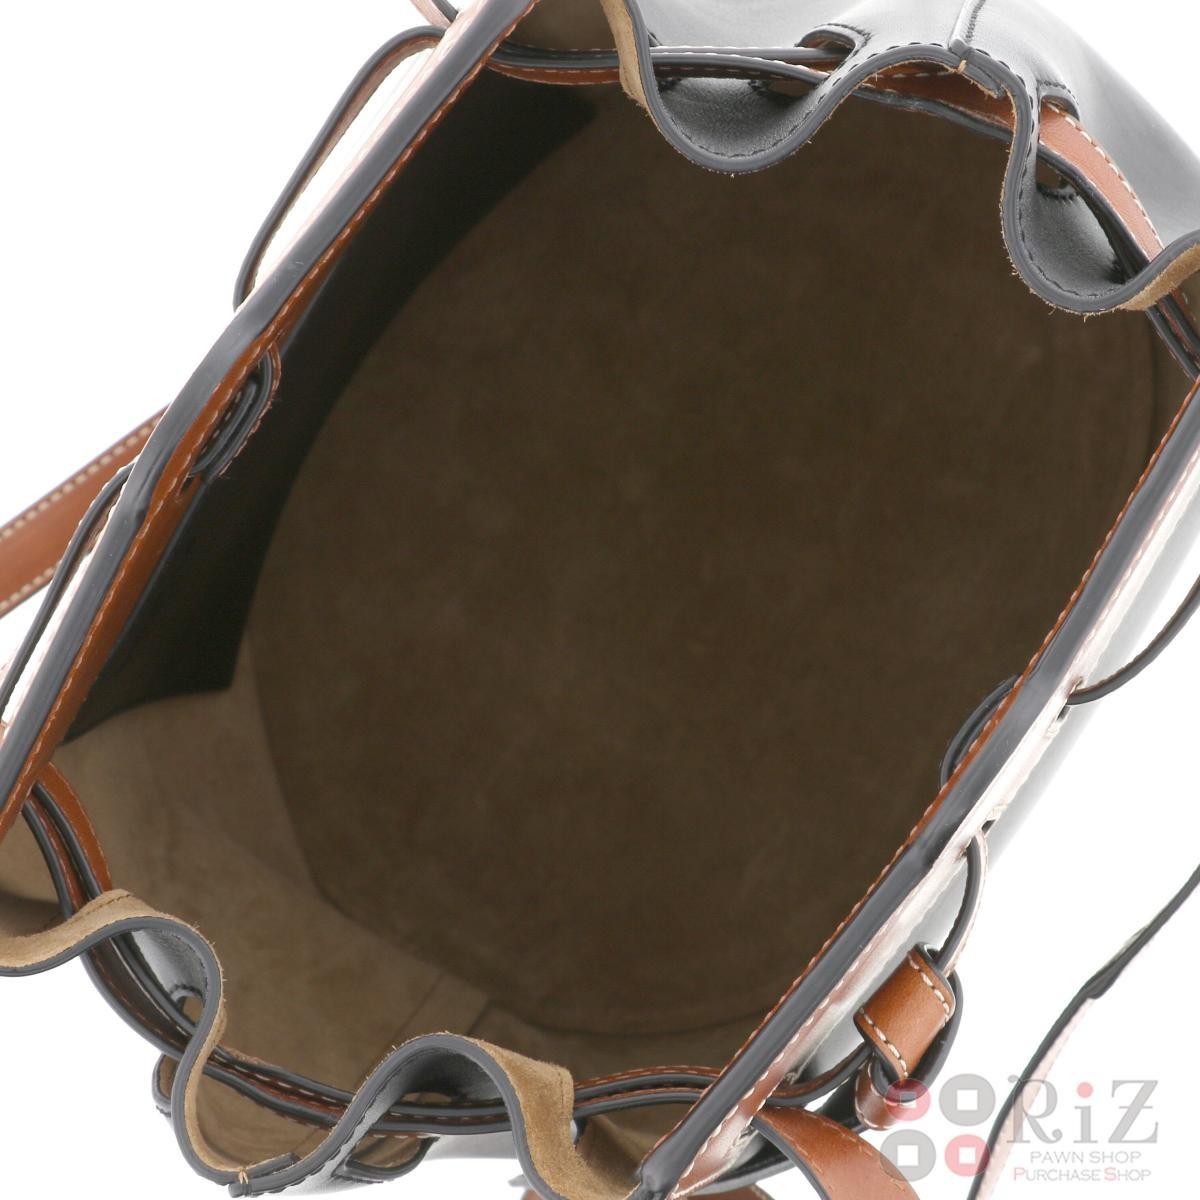 【お値下げ品】【中古】【巾着】 LOEWE (ロエベ) ラゾバケット バッグ トートバッグ Lazo Black/ブラック 329.56.Z21 used:A